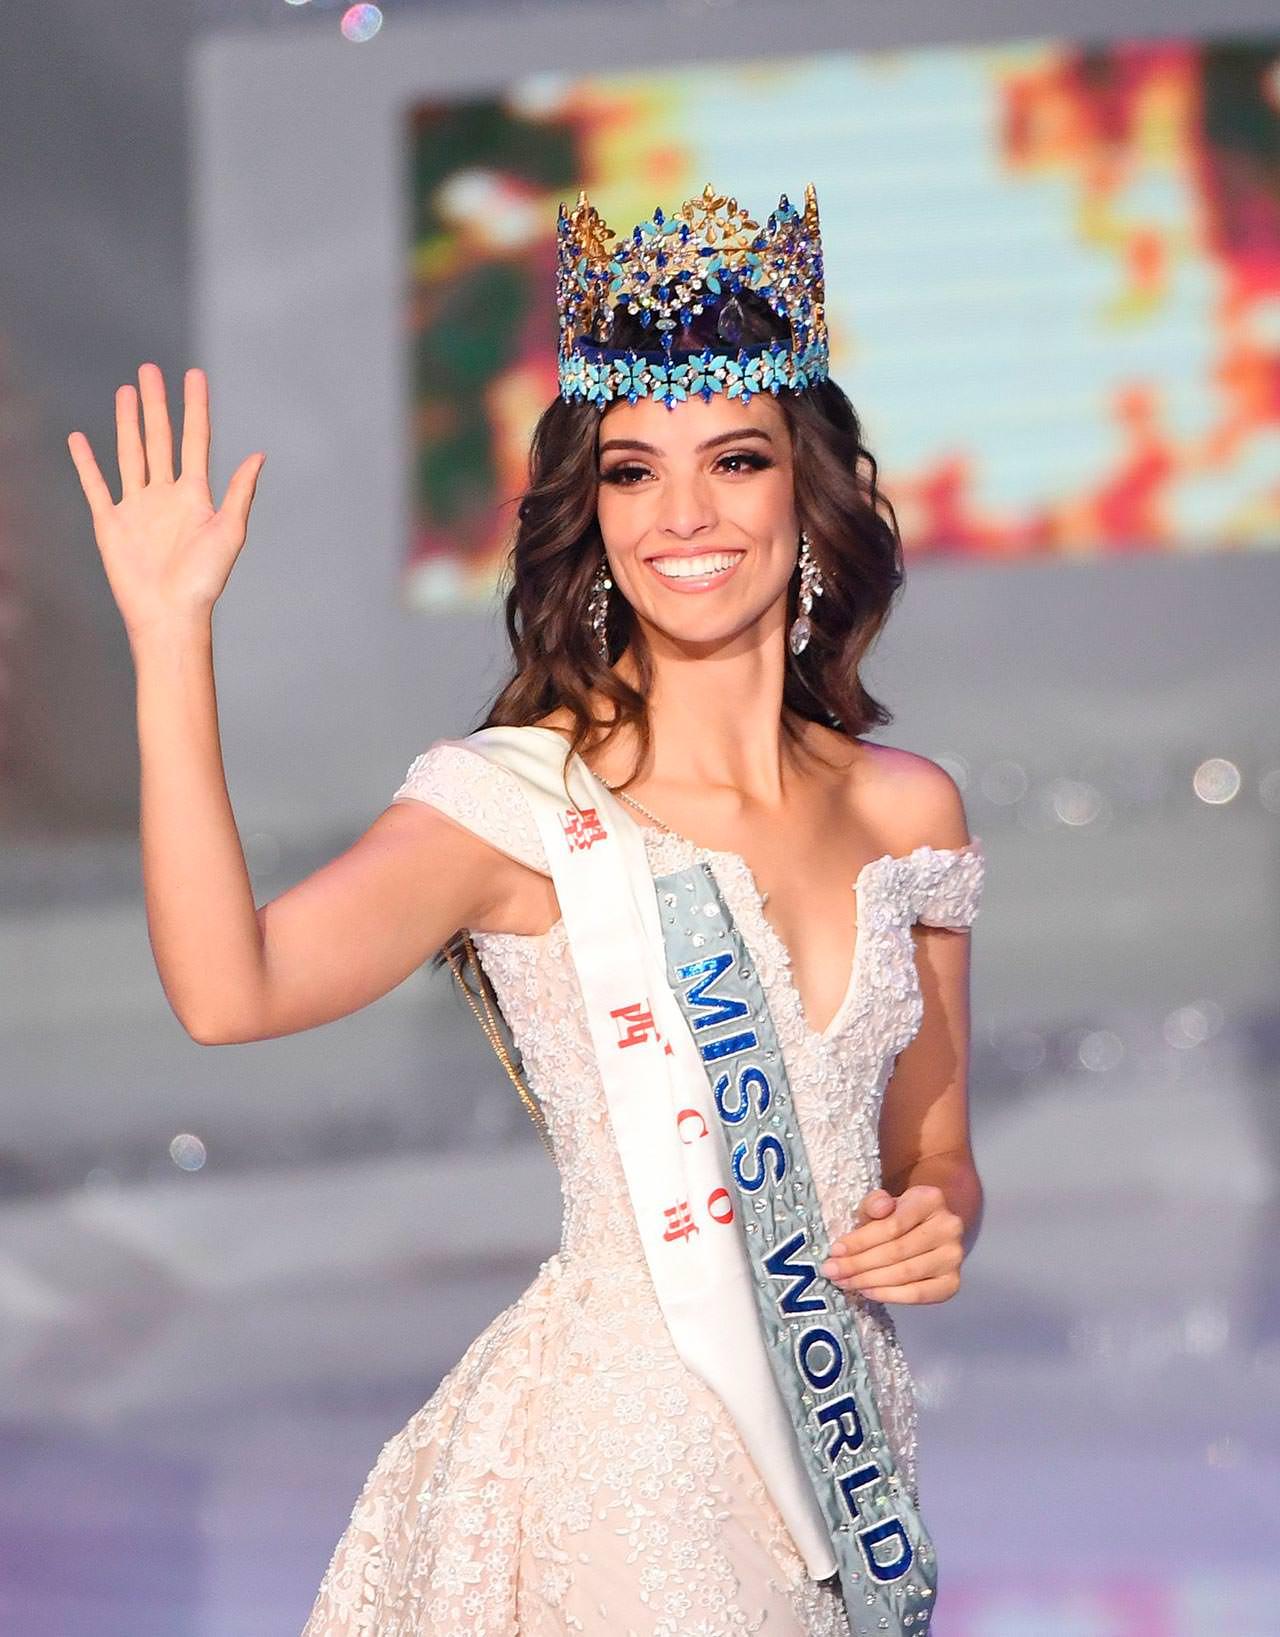 Фото   Мисс Мира 2018 года Ванесса Понсе